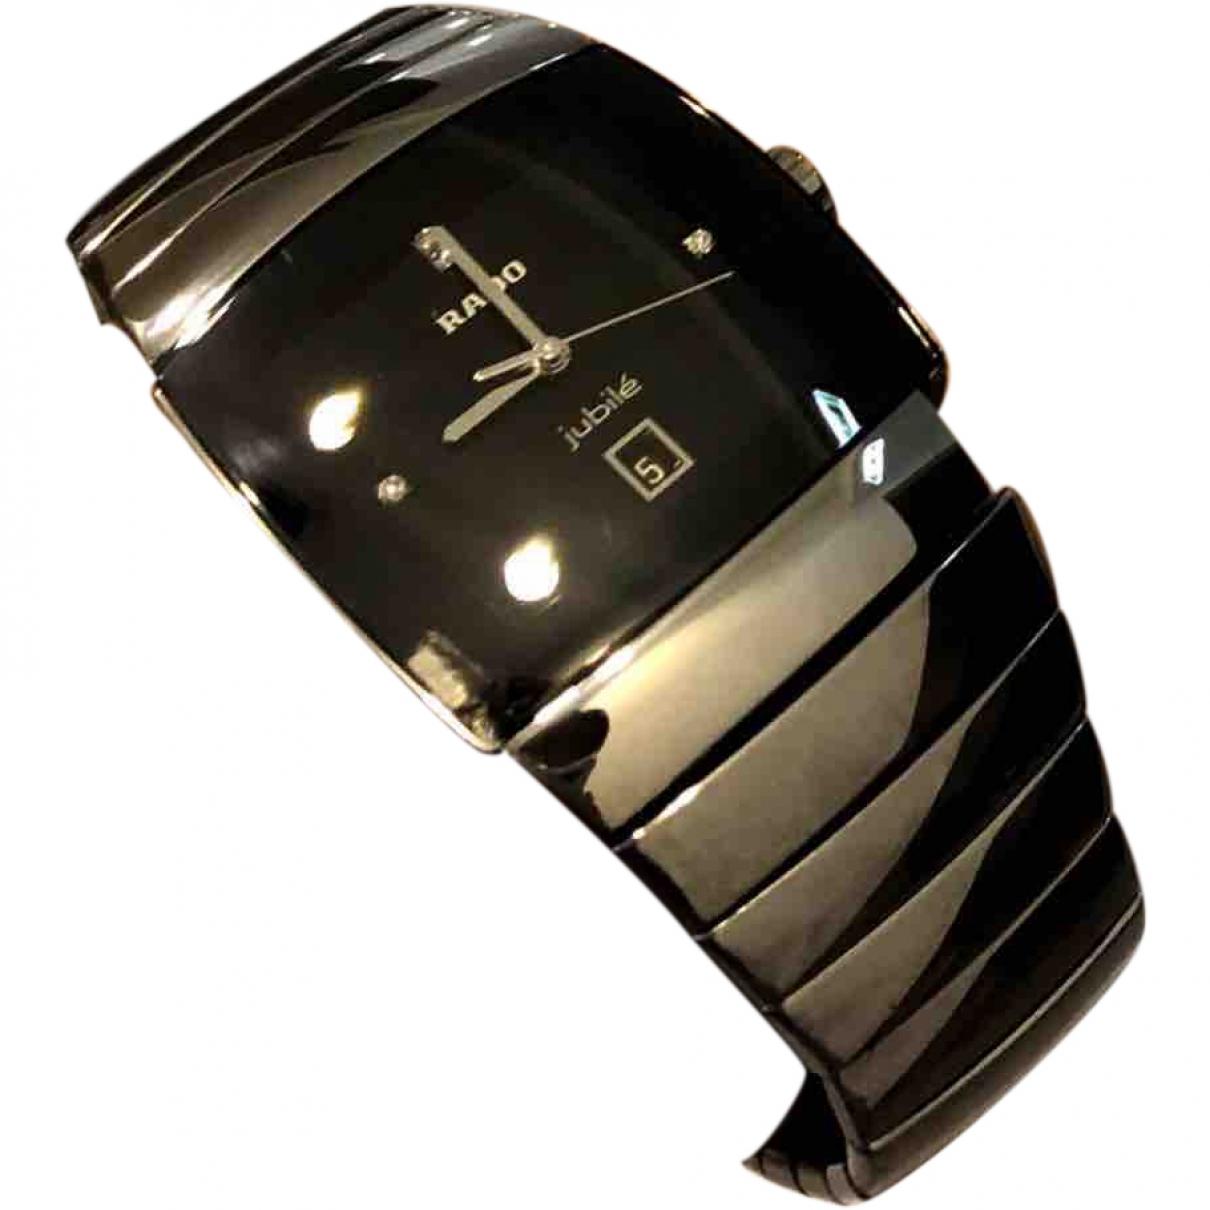 Rado \N Black Ceramic watch for Men \N